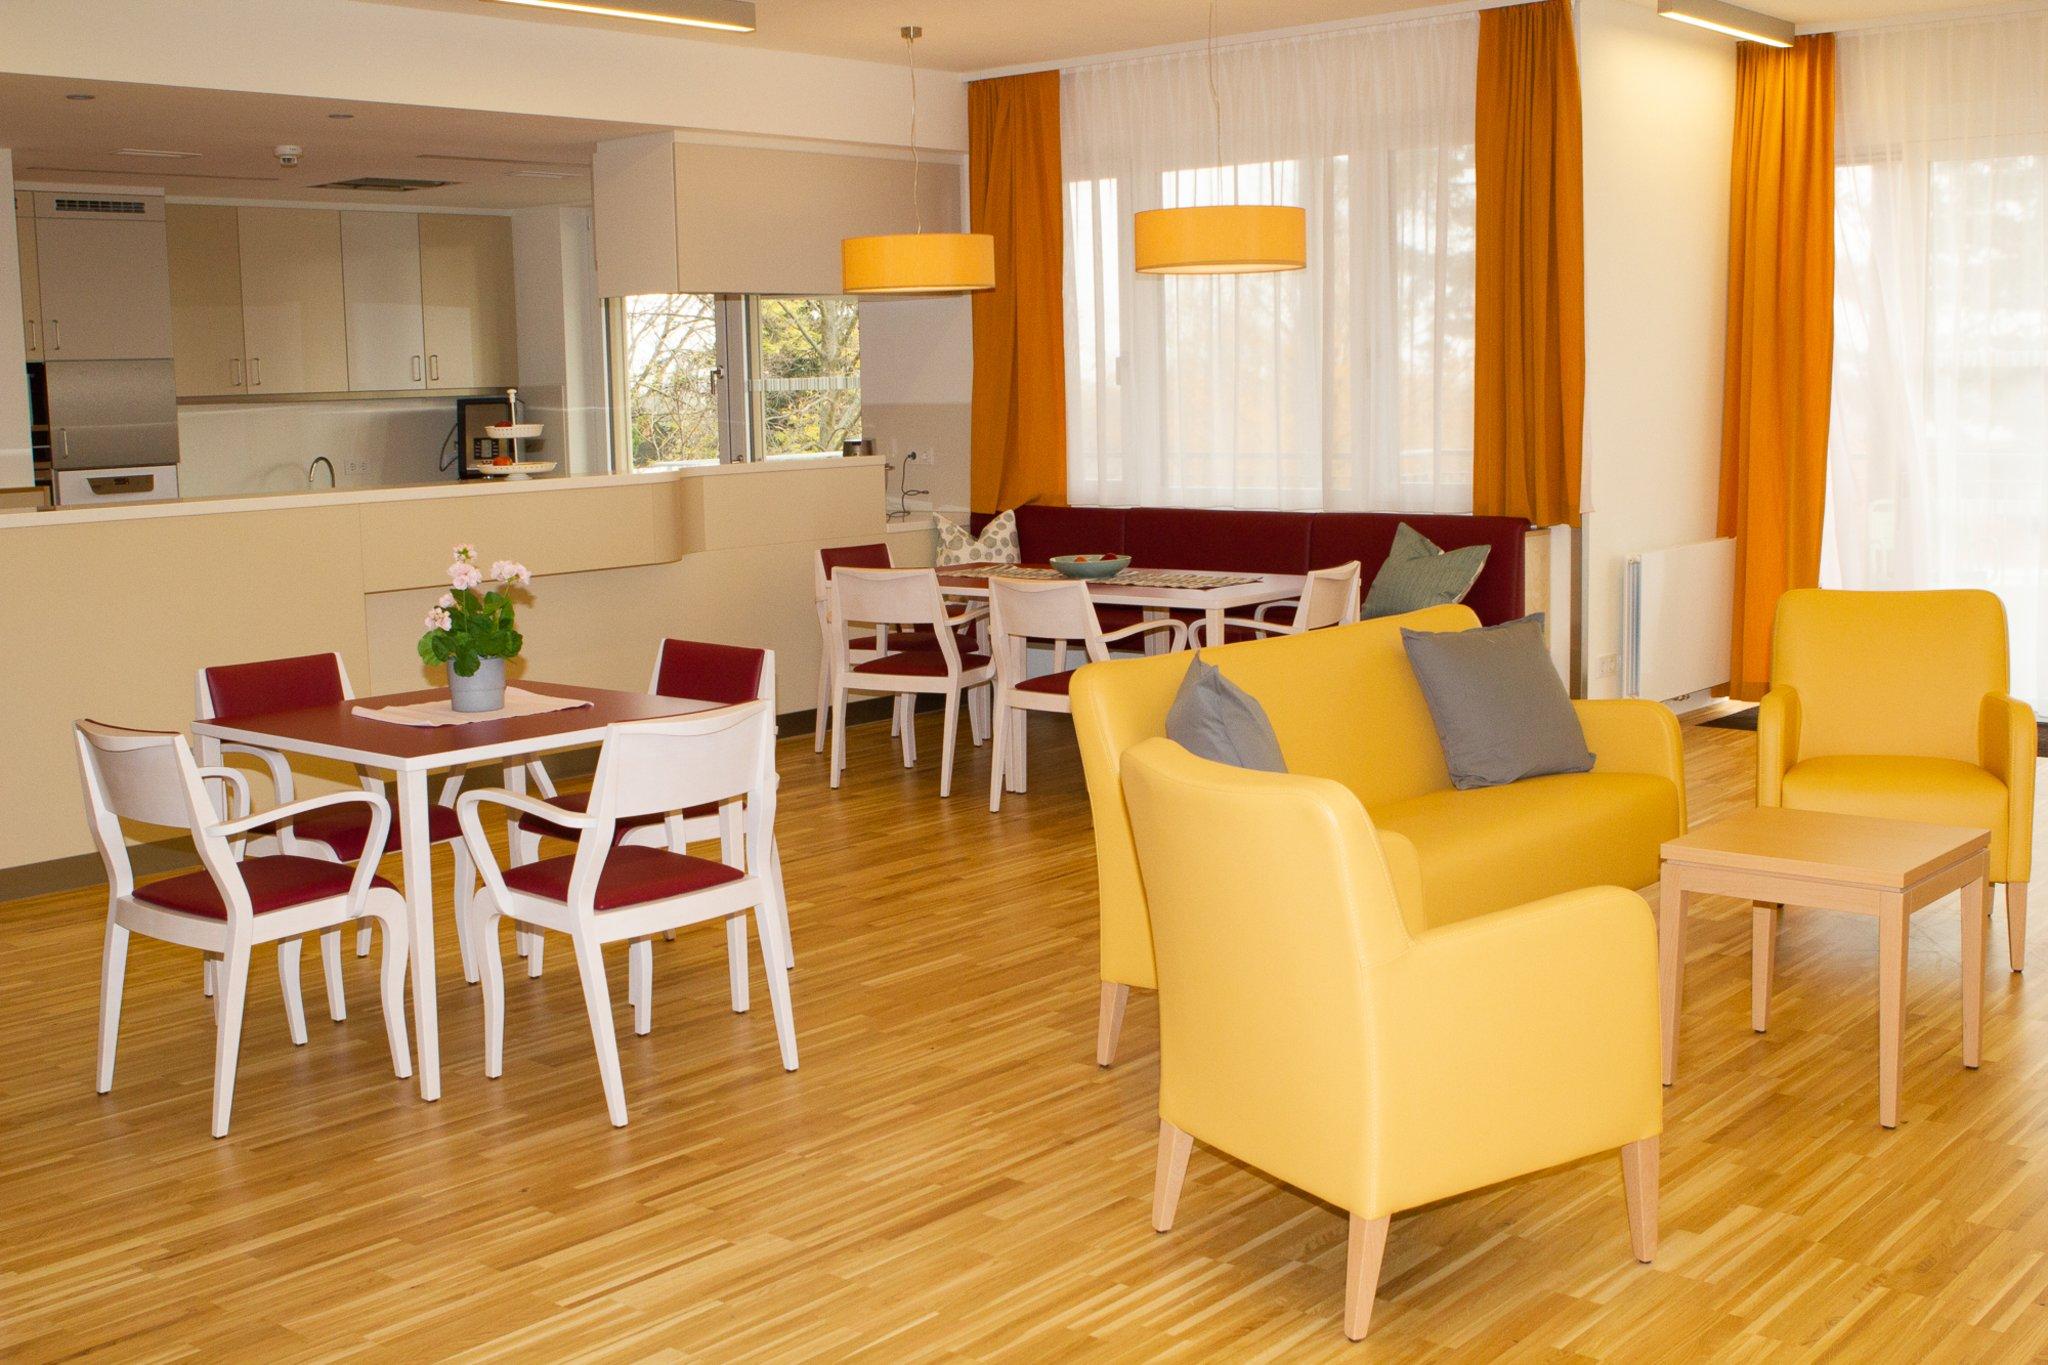 Pflegewohnhaus eröffnet: Neues Haus der Barmherzigkeit in